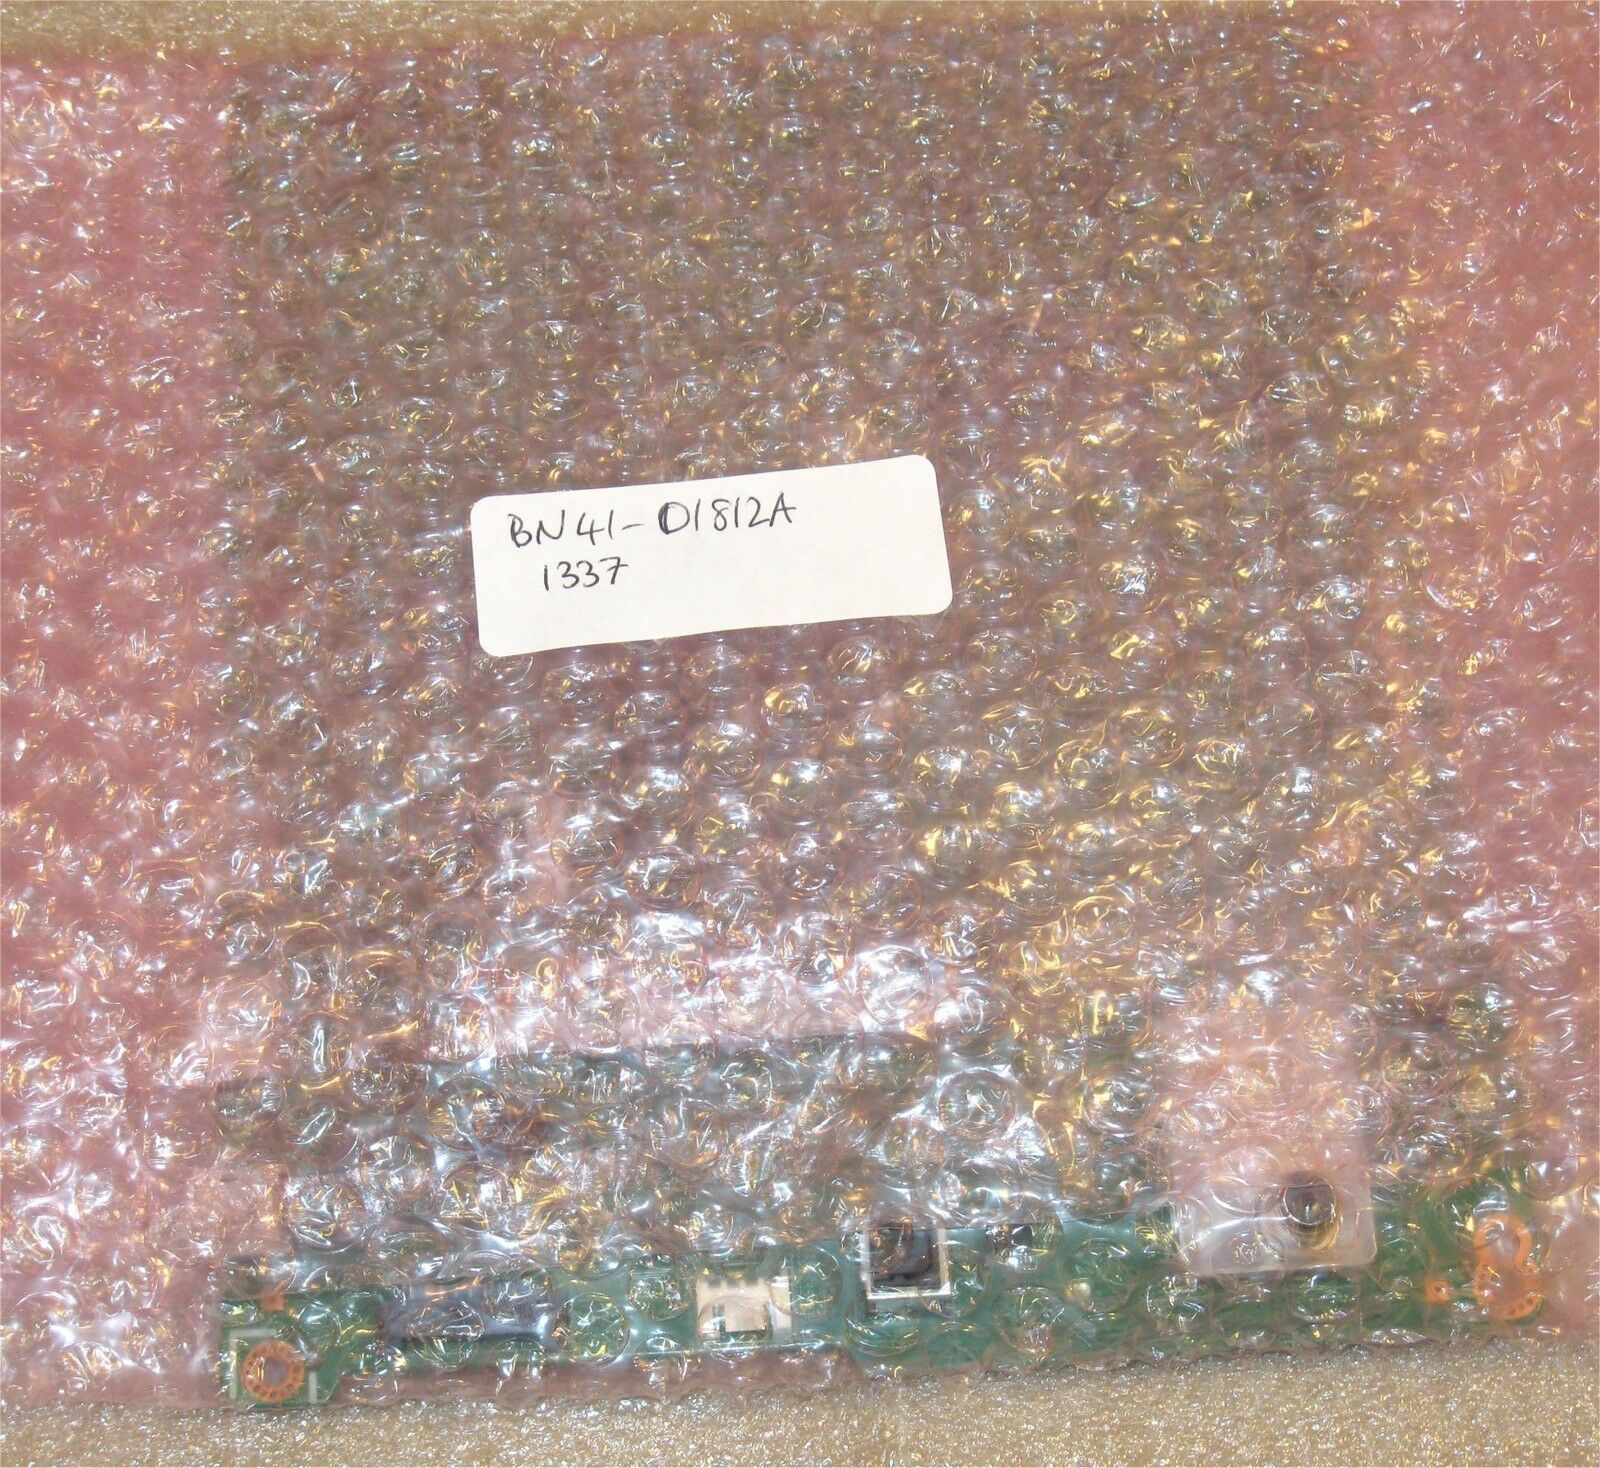 Samsung Main Board BN41-01812A Build #1337